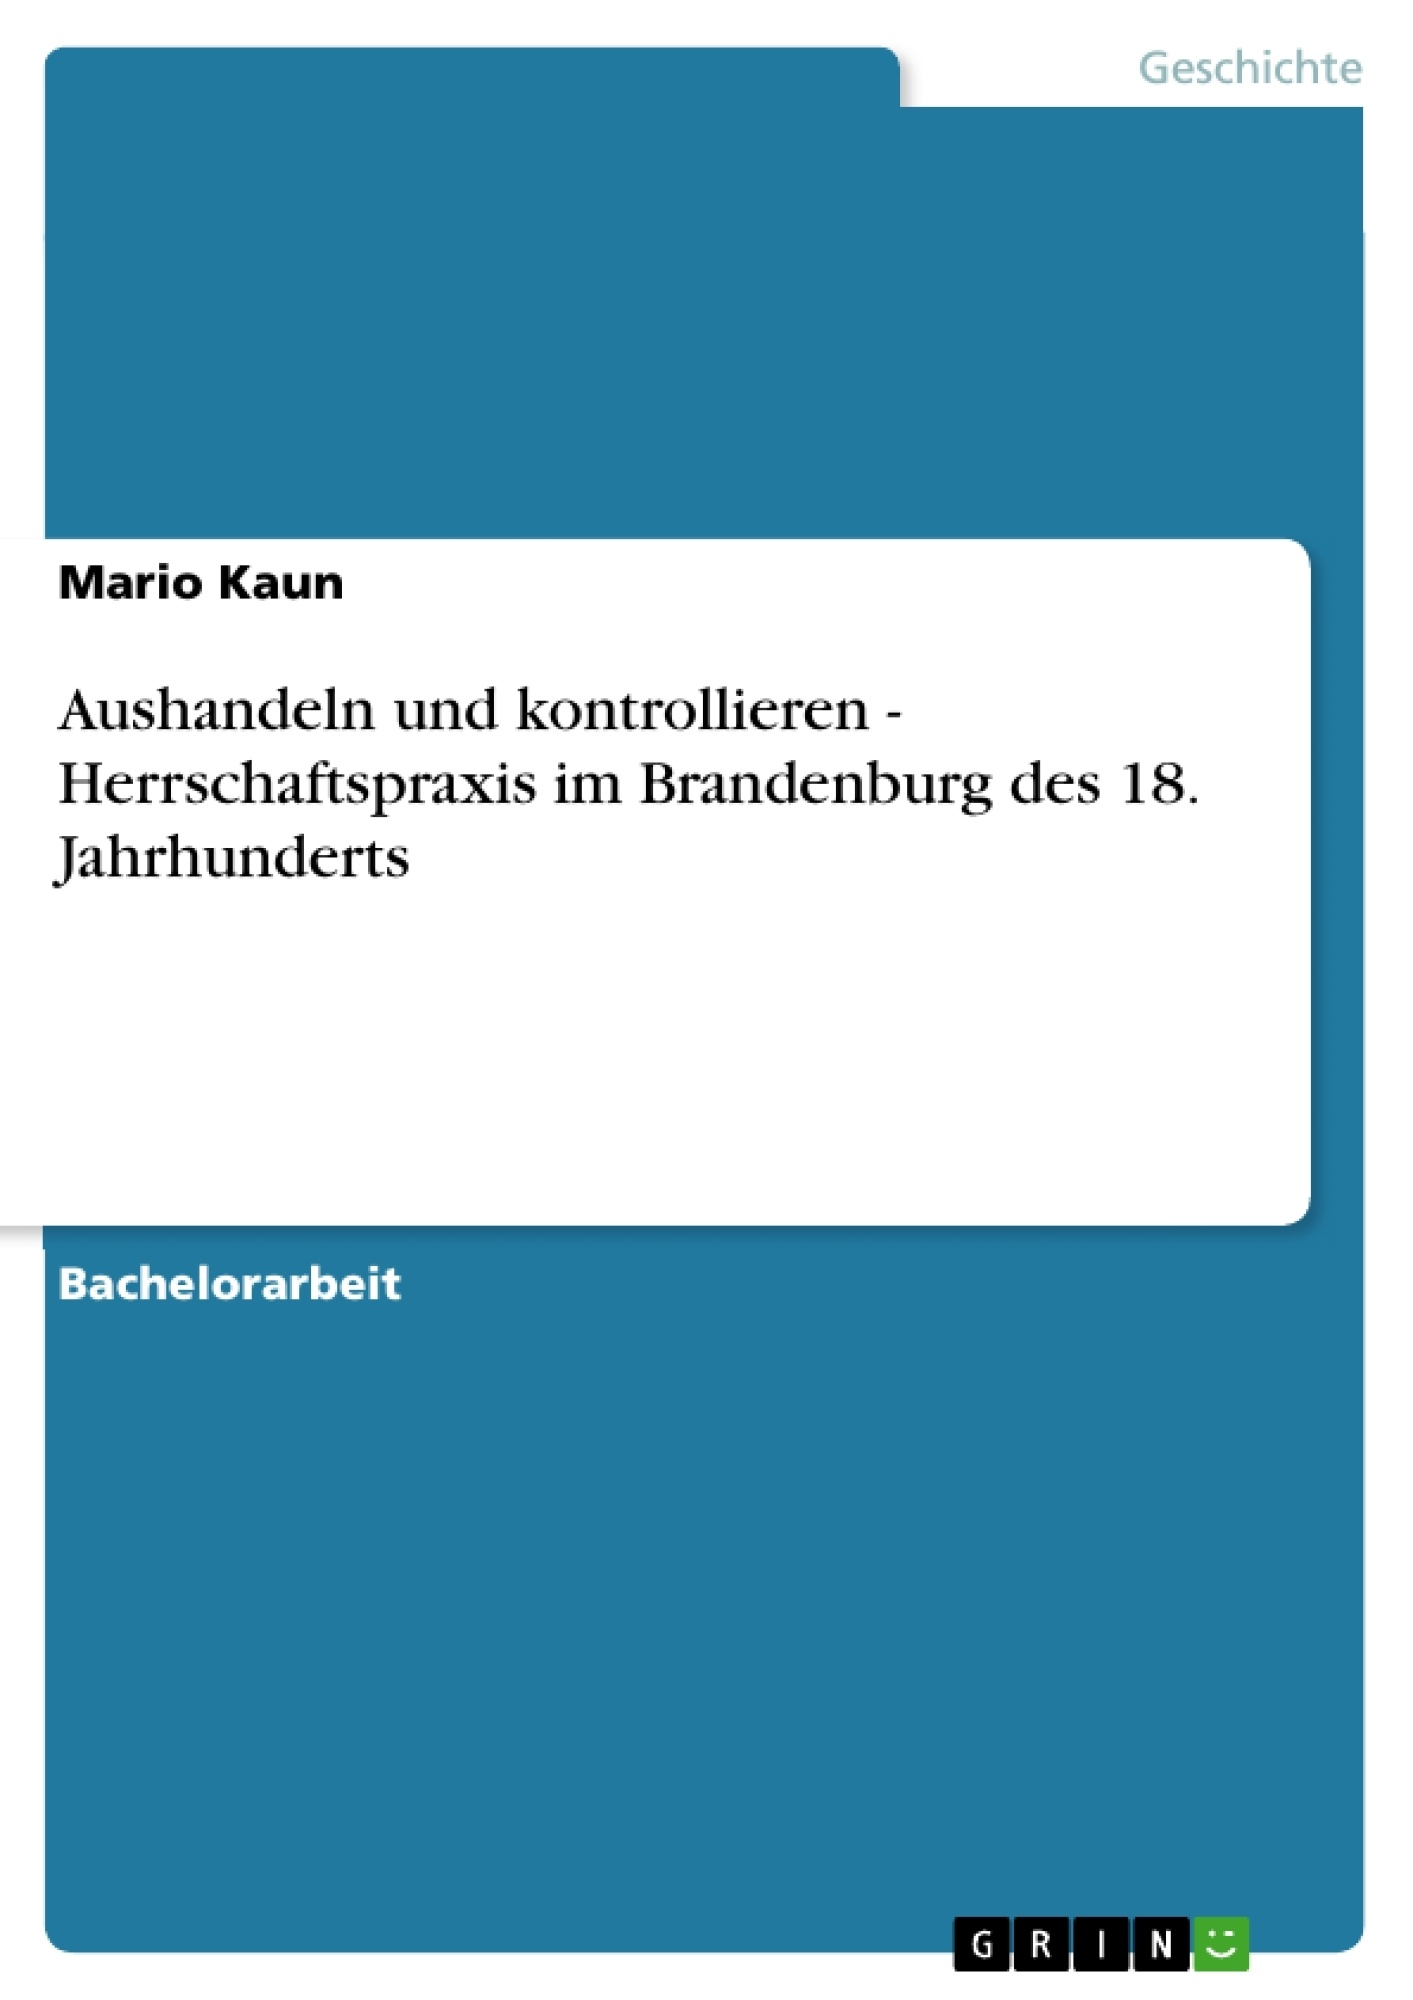 Titel: Aushandeln und kontrollieren   -  Herrschaftspraxis im Brandenburg des 18. Jahrhunderts